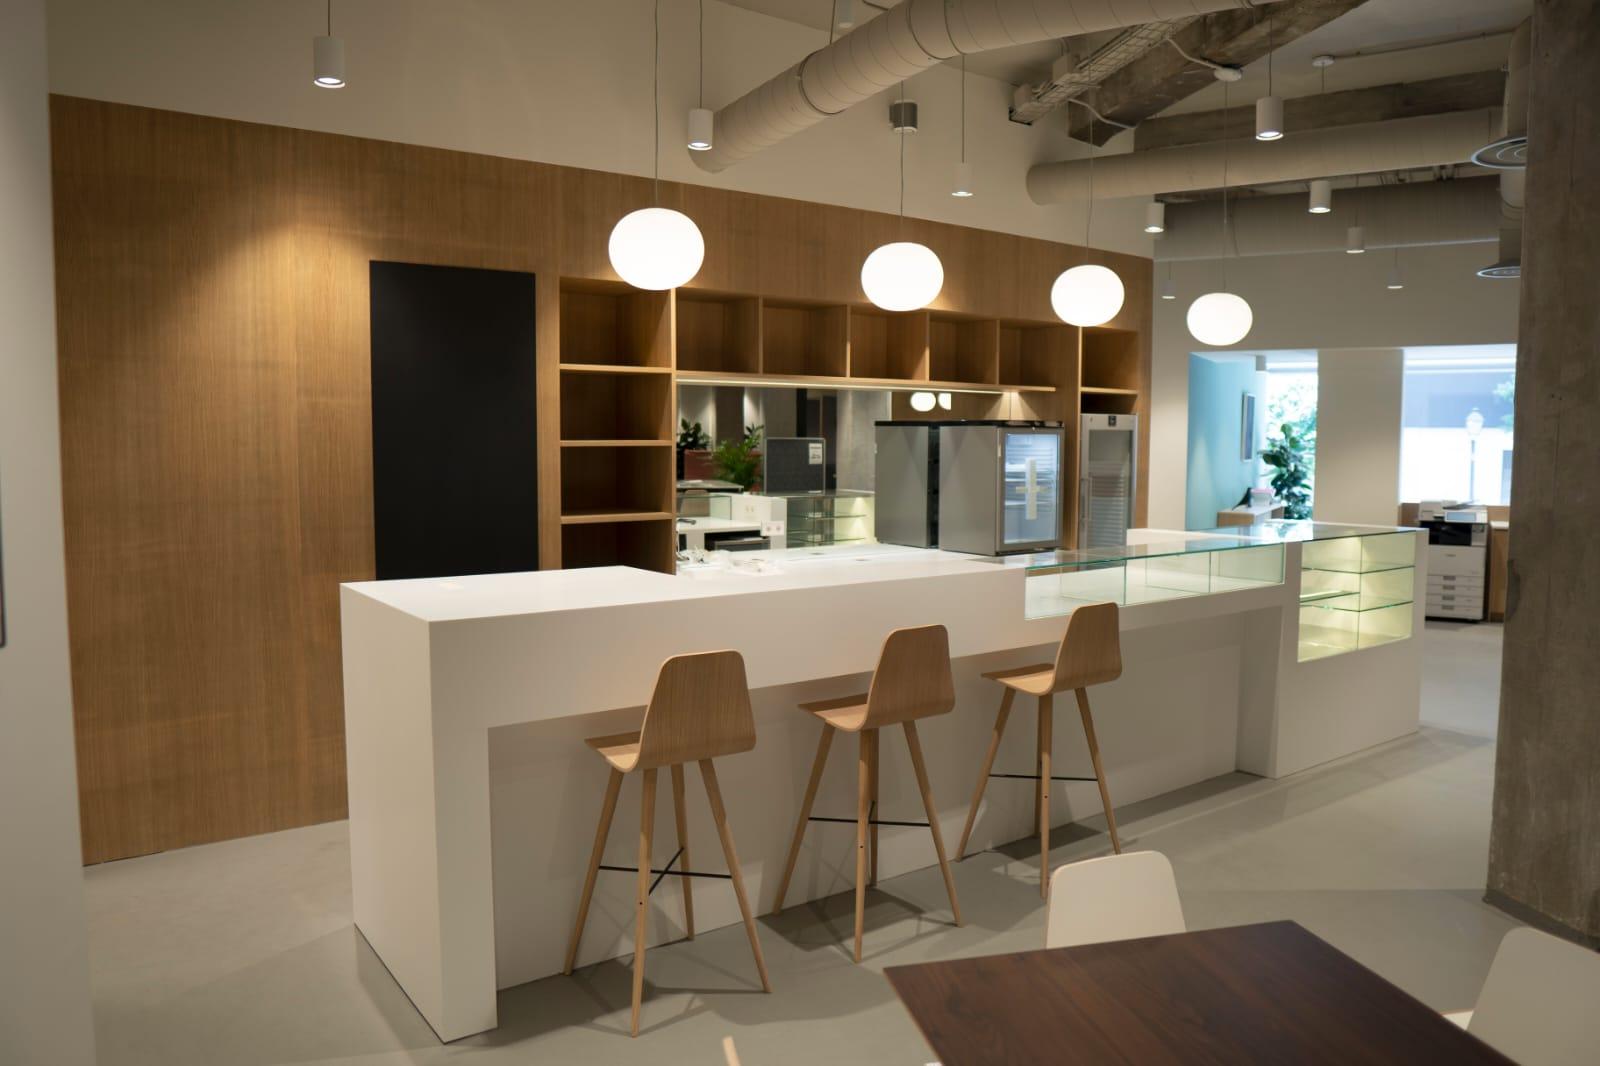 INSTALACIÓN DE MOBILIARIO, MAQUINARIA EN ACERO A MEDIDA PERSONALIZA Y VITRINAS EXPOSITIVAS DE MADERA Y VIDRIO CON FRÍO REMOTO EN KRION EN LAS OFICINAS DE EVERIS. Aceroinnova ha realizado el diseño e instalación de un proyecto para zona isla de descanso para desayuno, cafés y zonas de comida puntual dentro de las oficinas del edificio Everis. Se ha llevado acabo la instalación de mobiliario y maquinaria en acero a medida personaliza y vitrinas expositivas de madera y vidrio con frío remoto en Krion. Además, se ha realizado la iluminación e integración de dicha zona descanso con mobiliario a medida con interiorismo y decoración vanguardista, mobiliario ergonómico y accesorios personalizados. Realizamos todo tipo de proyectos integrales en España y Portugal. Disponemos de fábrica propia e instaladores con gran cualificación.